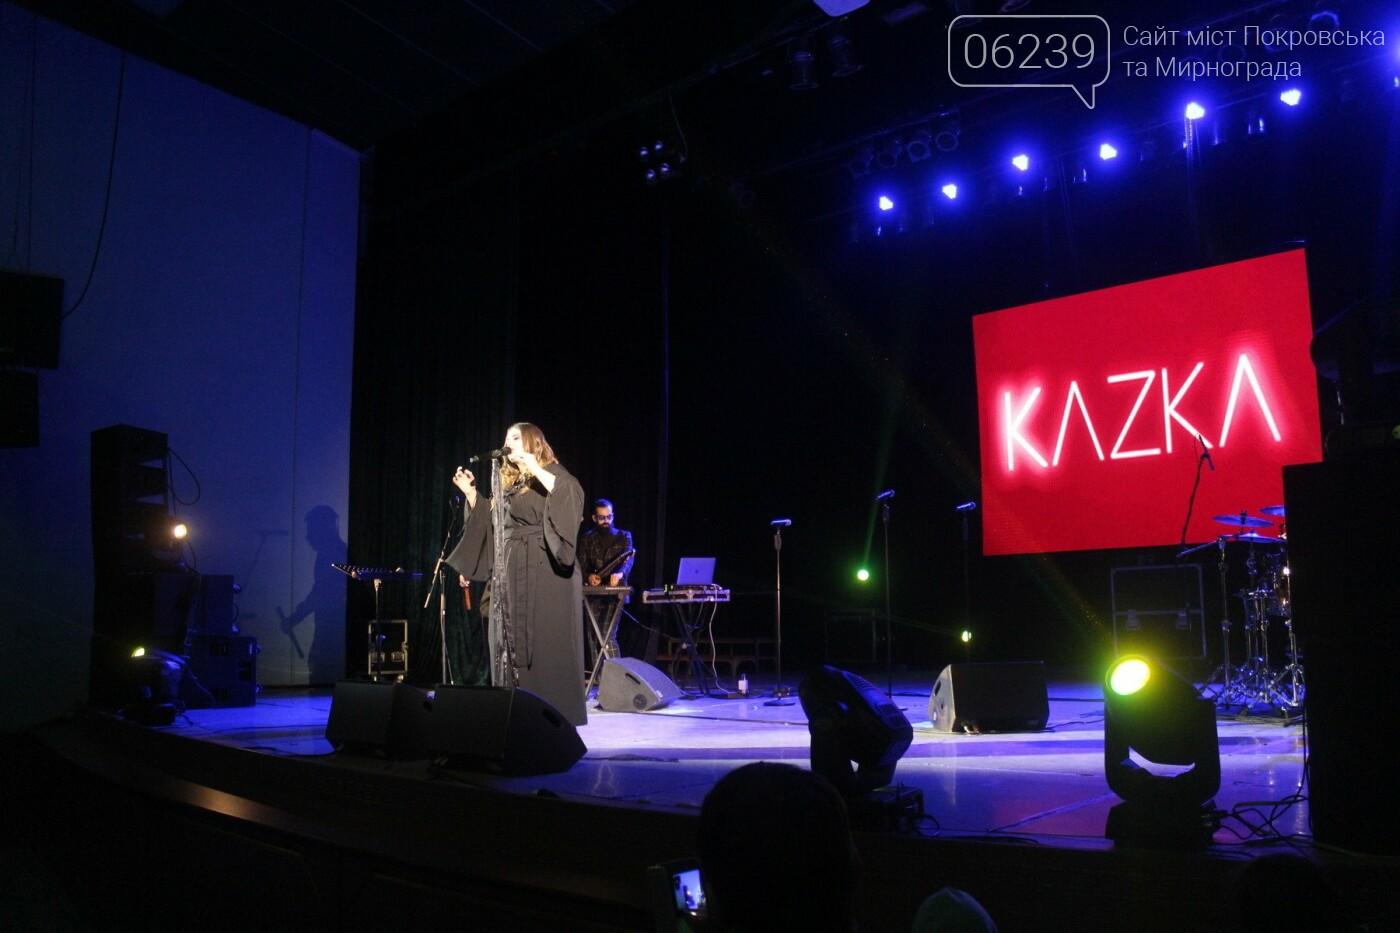 В Покровске выступила популярная украинская группа KAZKA, фото-5